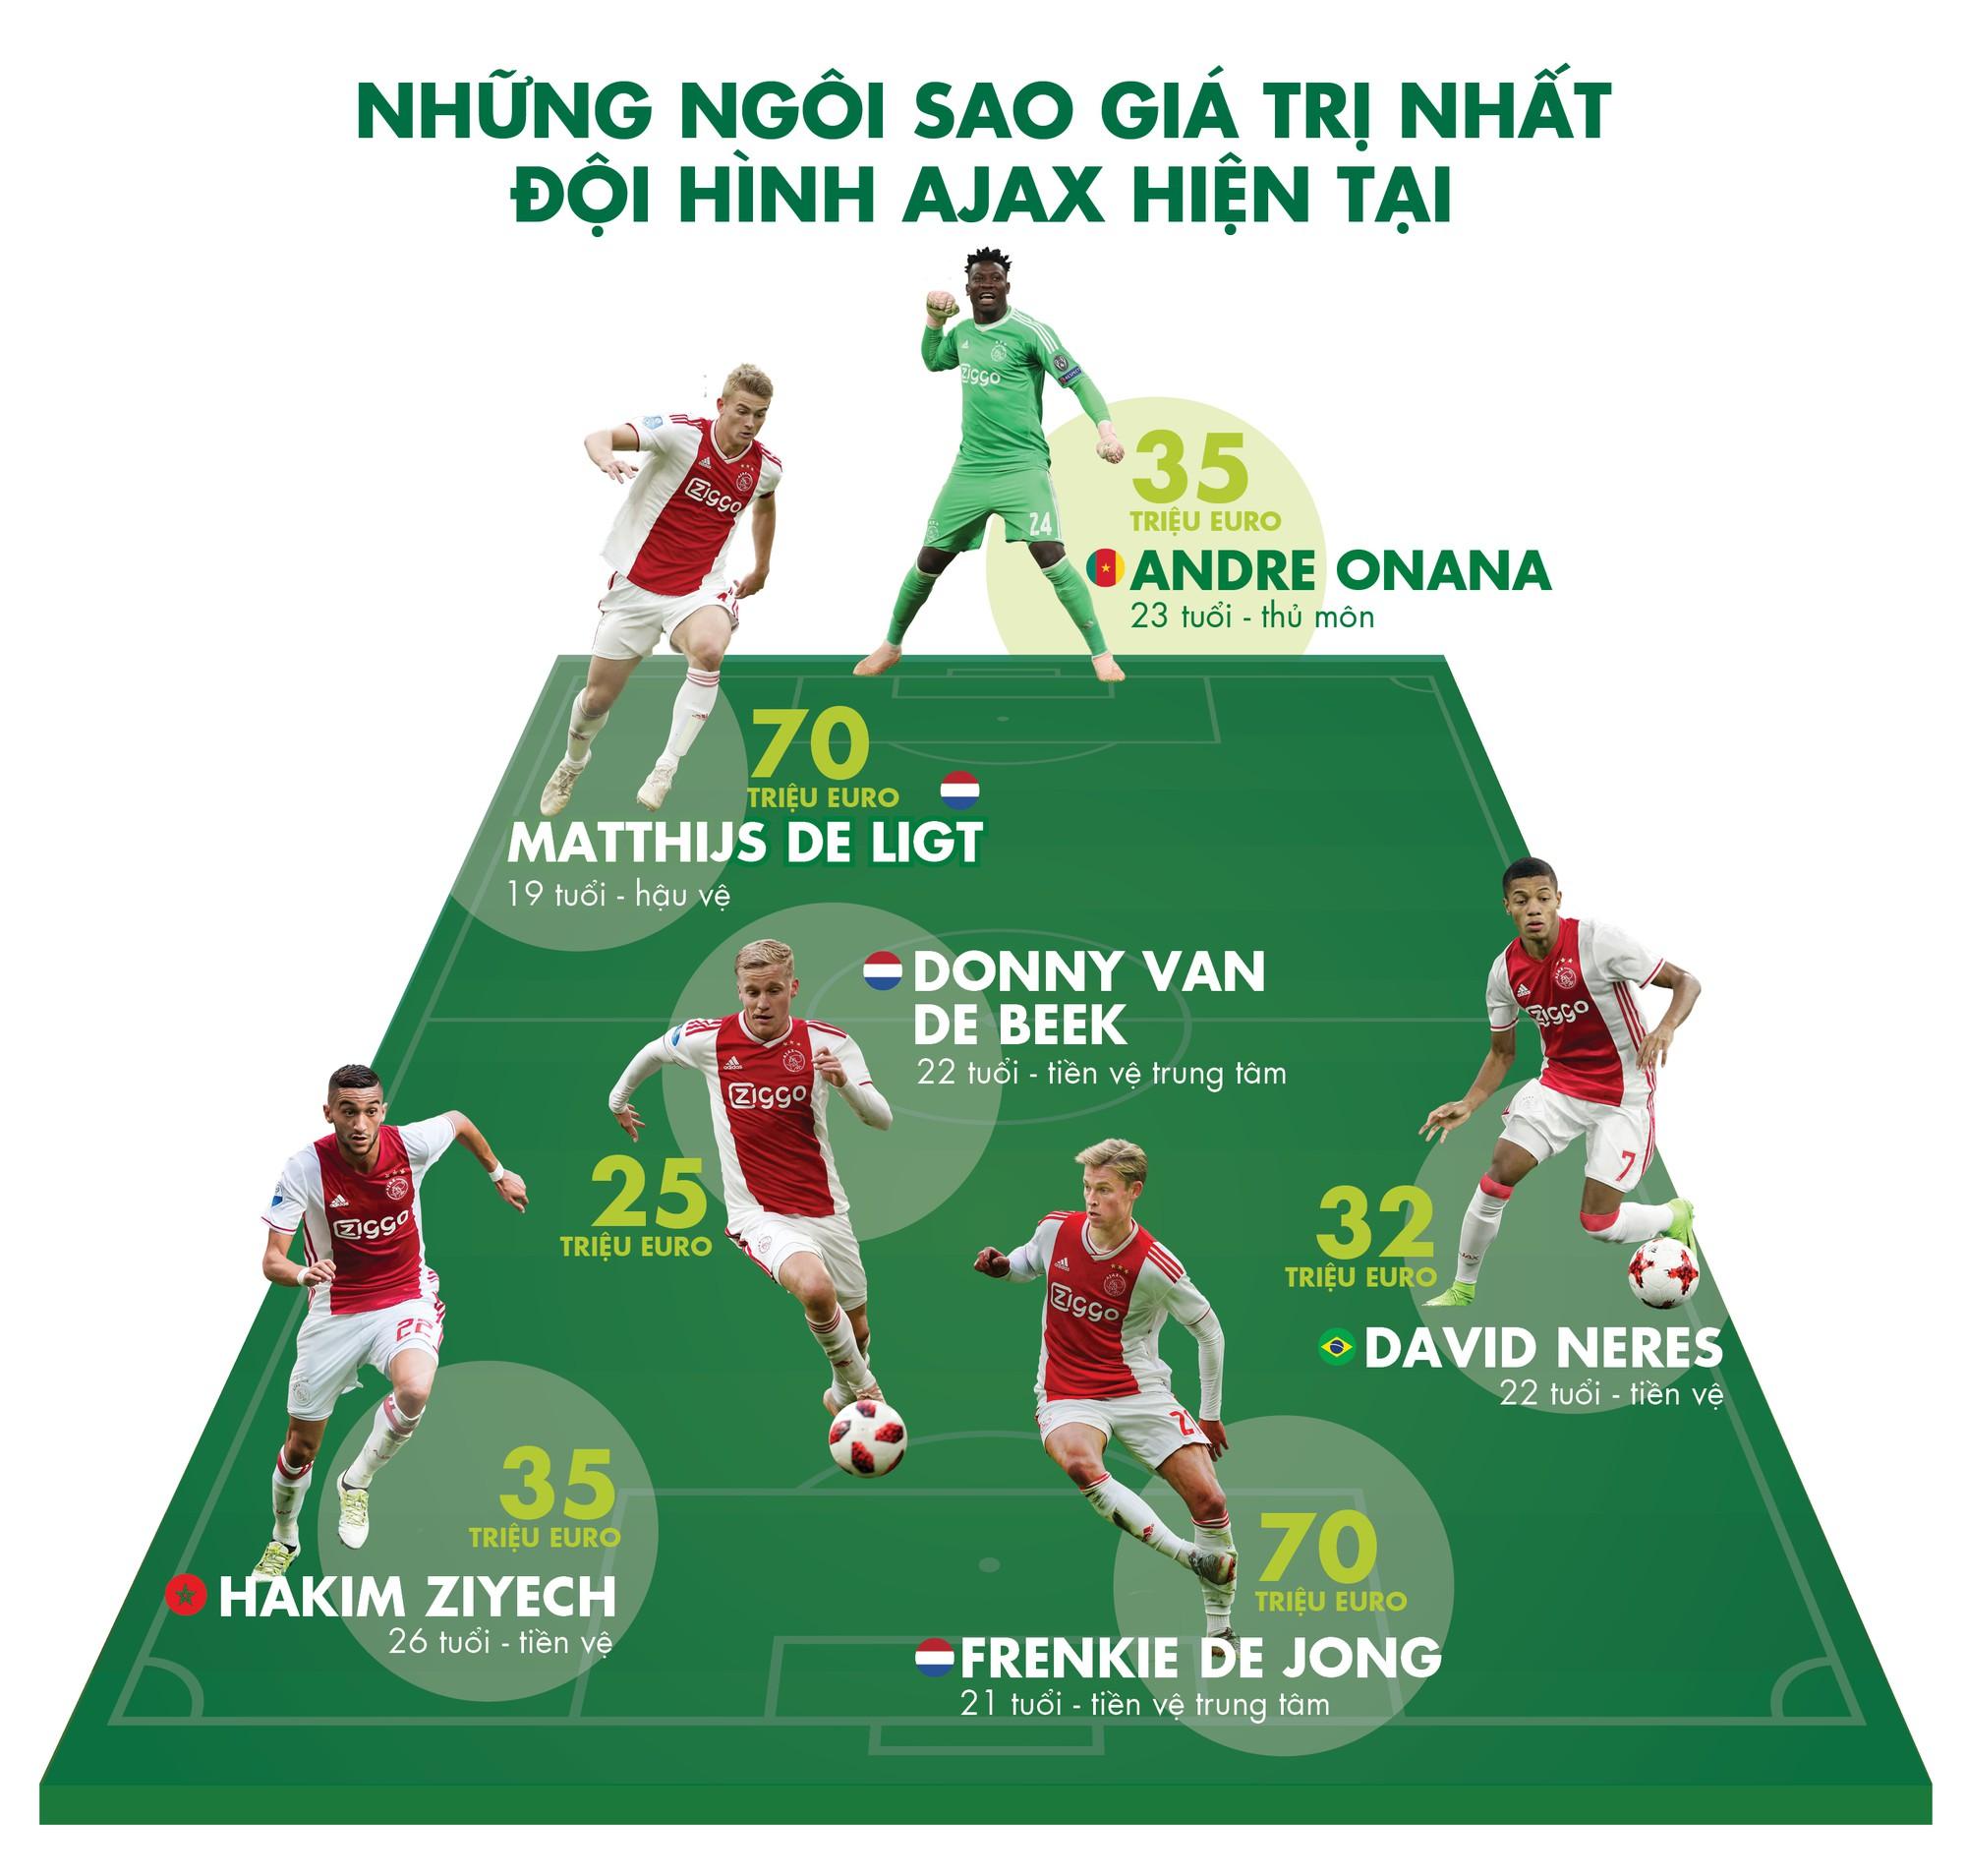 Ajax- triết lý '1 euro' và sự hồi sinh vĩ đại - Ảnh 3.